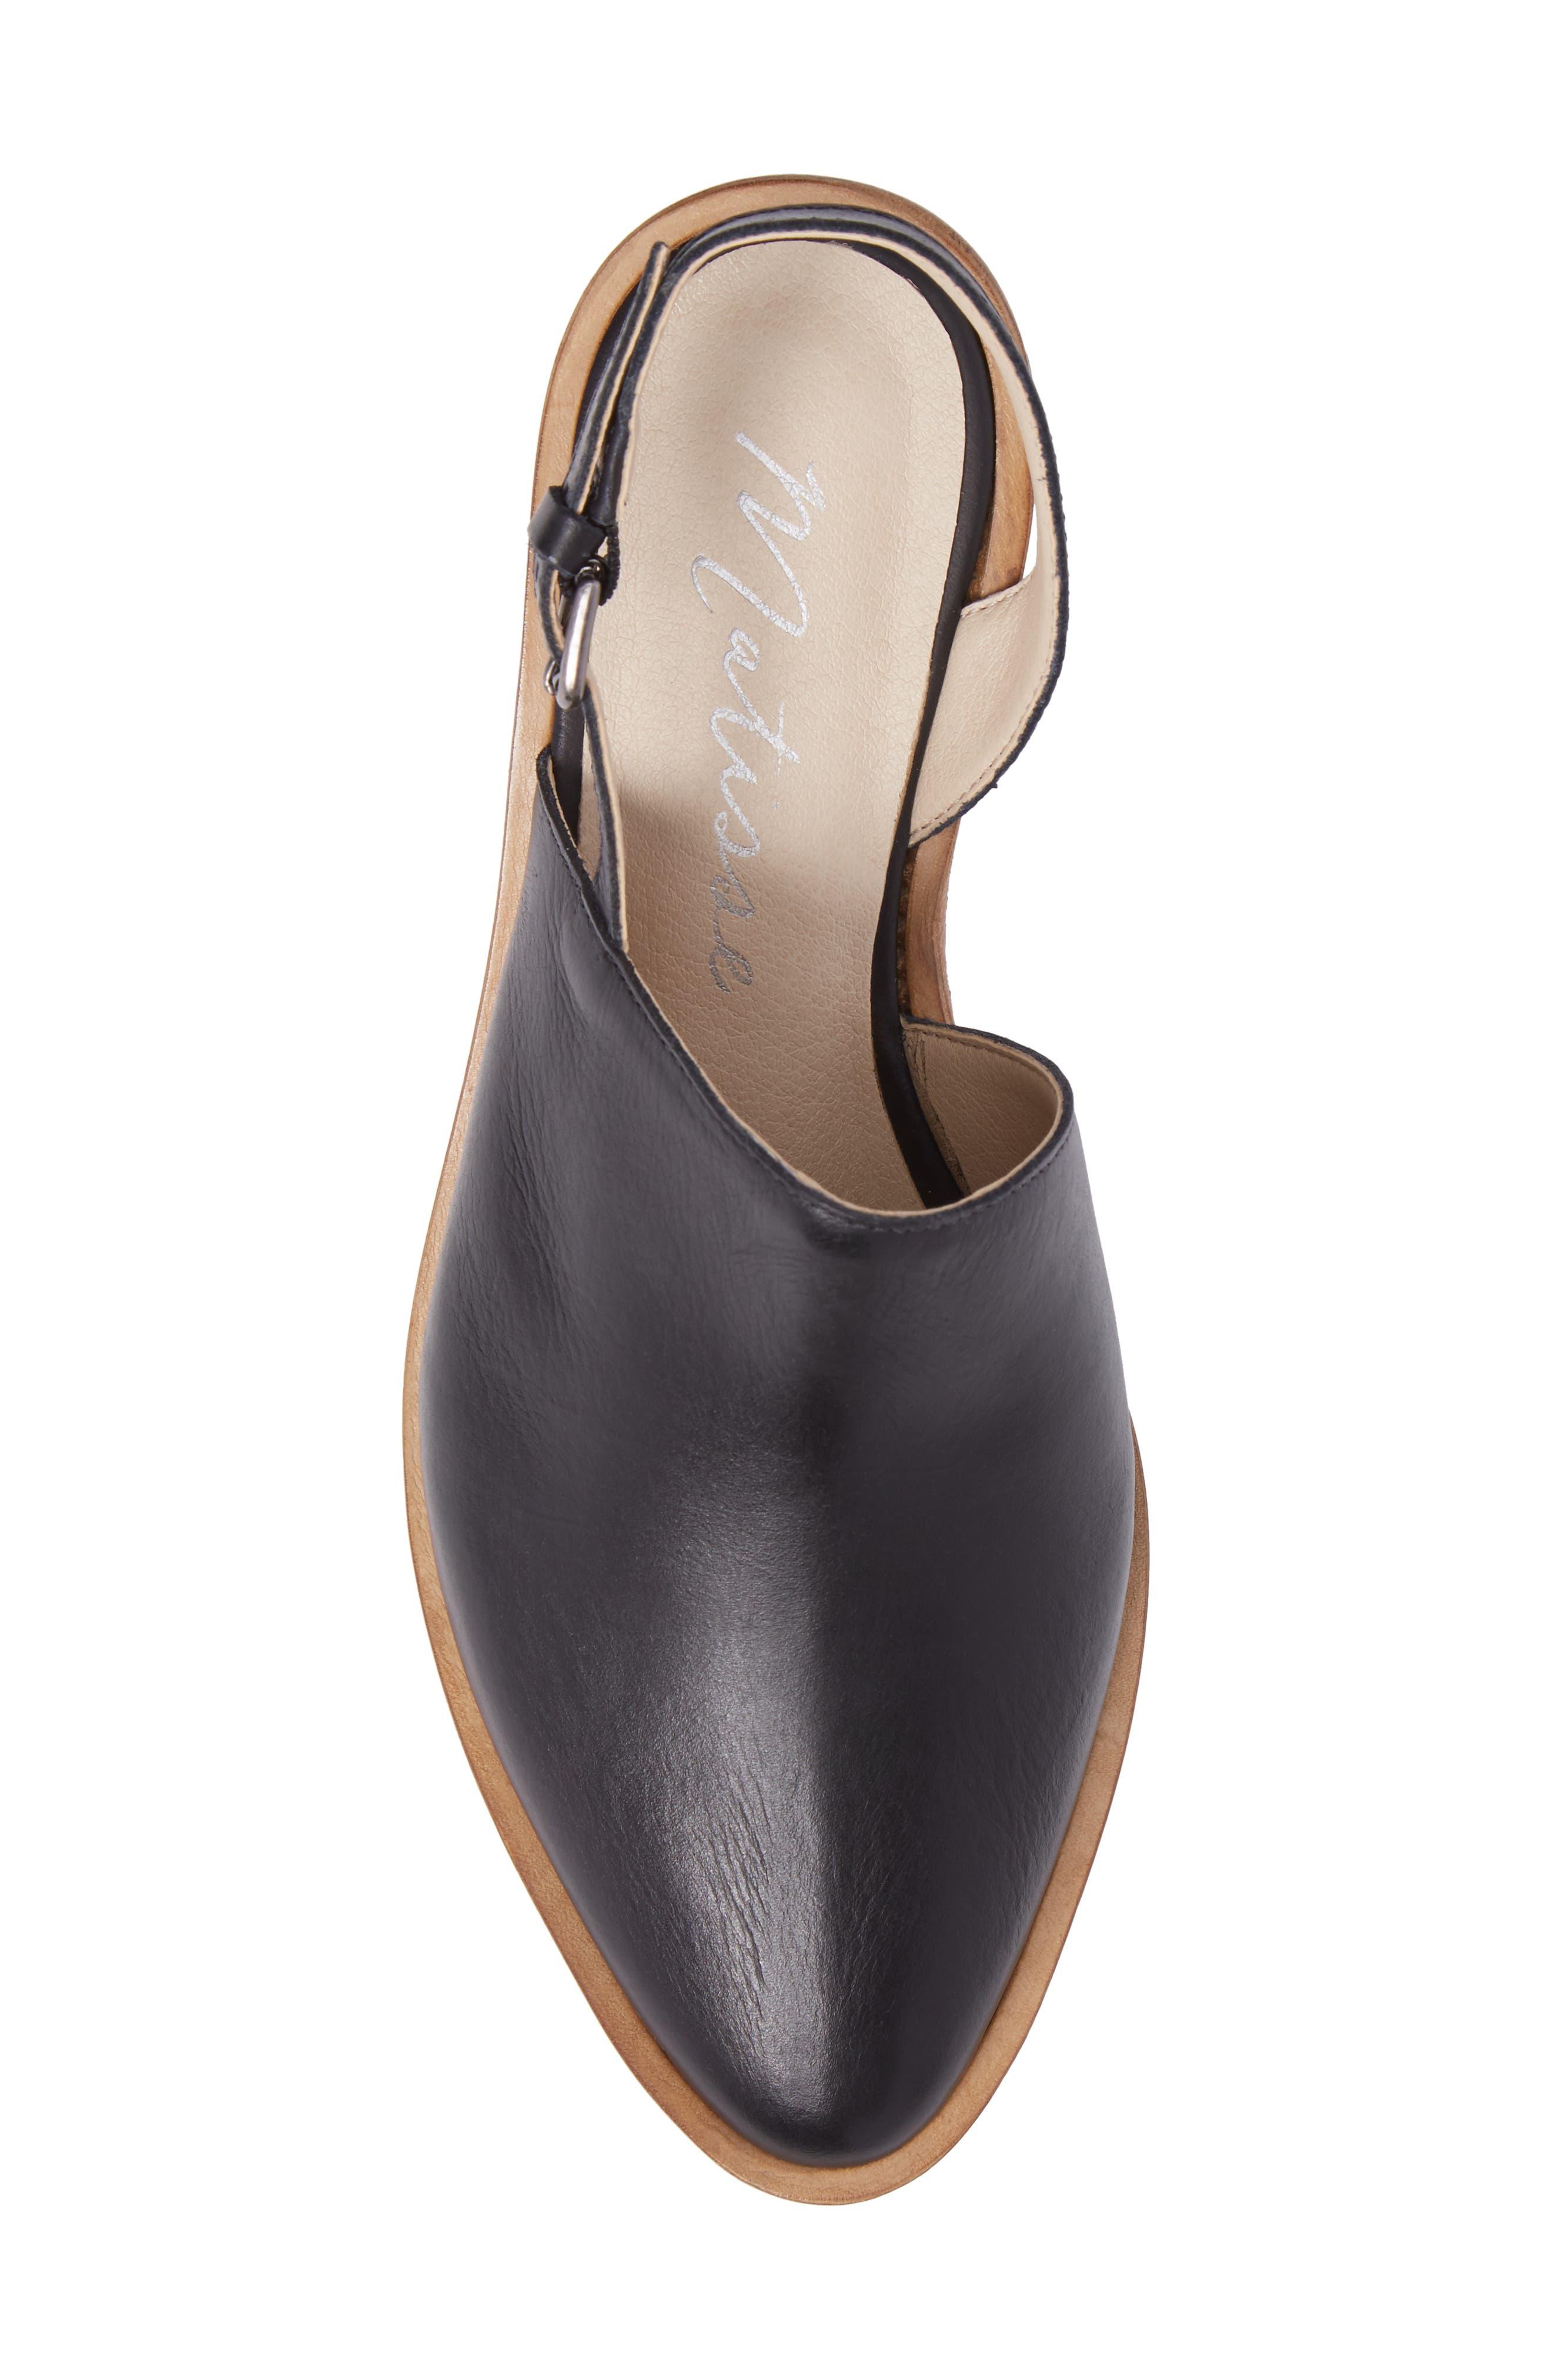 Eyals Slingback Platform Wedge Sandal,                             Alternate thumbnail 5, color,                             BLACK LEATHER